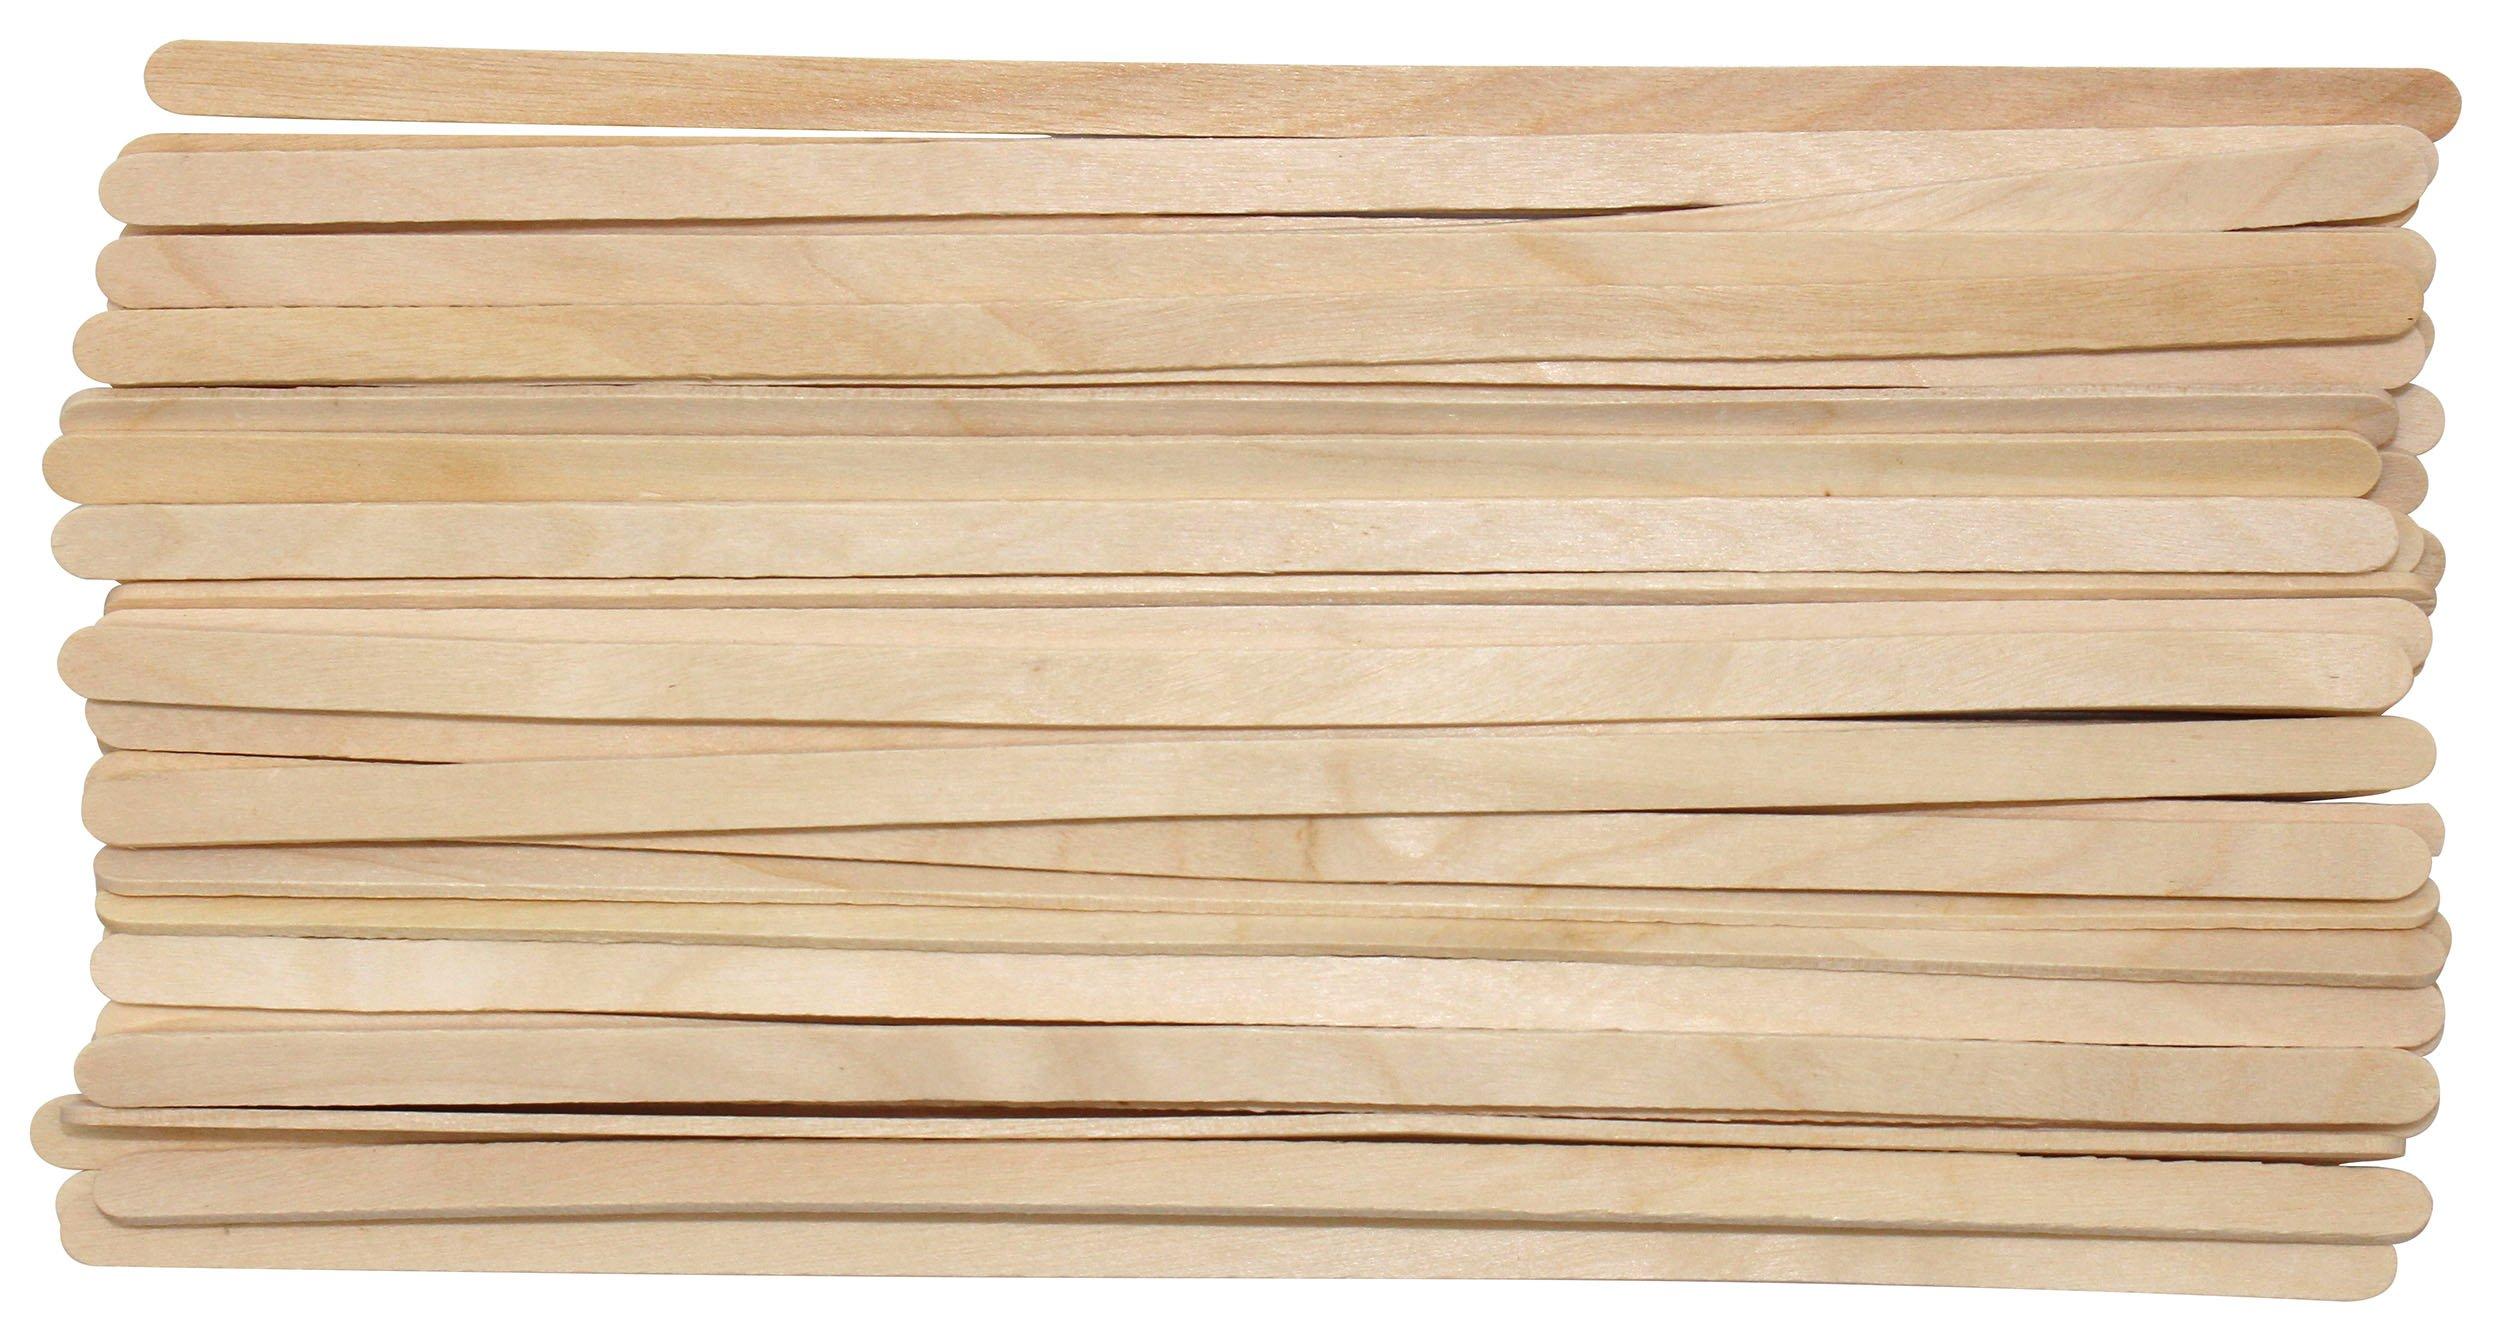 Disposable Birch Wood Coffee Stir Sticks Stirrers Wooden Tea Stir Stick Stirrer,7.5 Inch (1000Pcs)